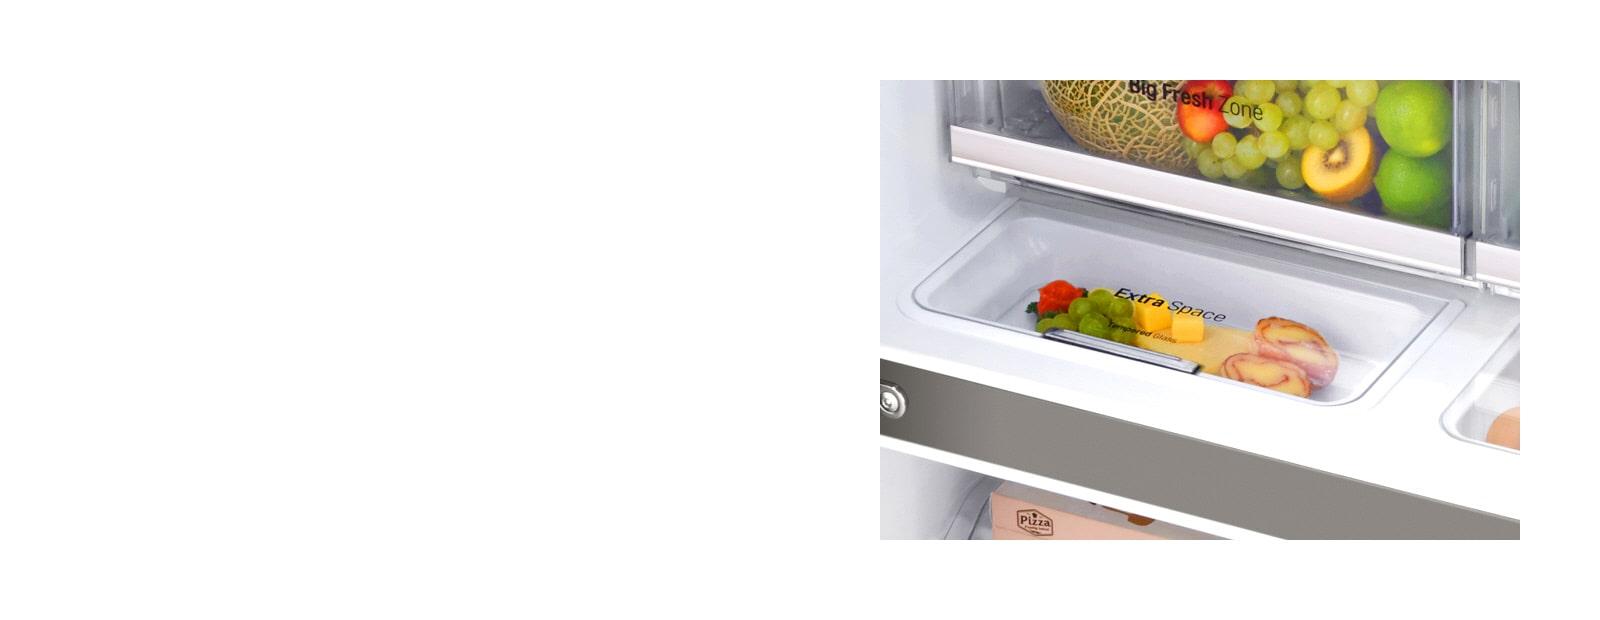 Espaces de stockages additionnels pour les aliments du quotidien